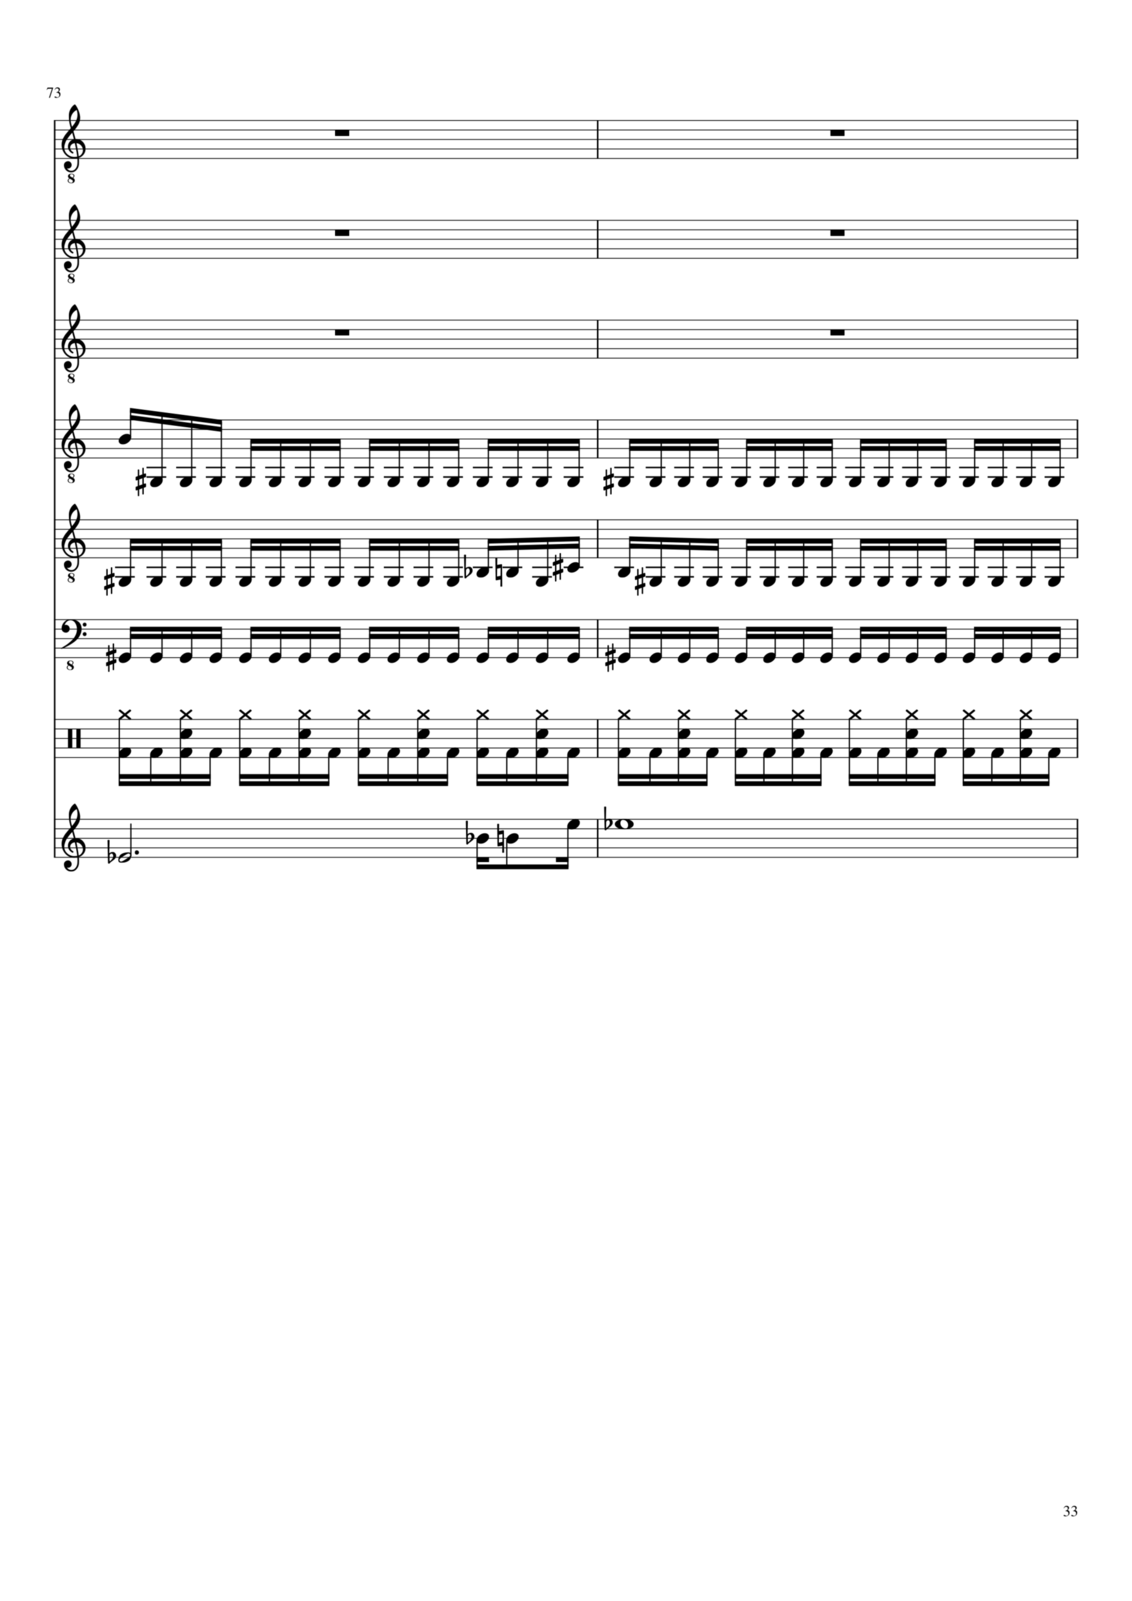 Vyibor Est slide, Image 33